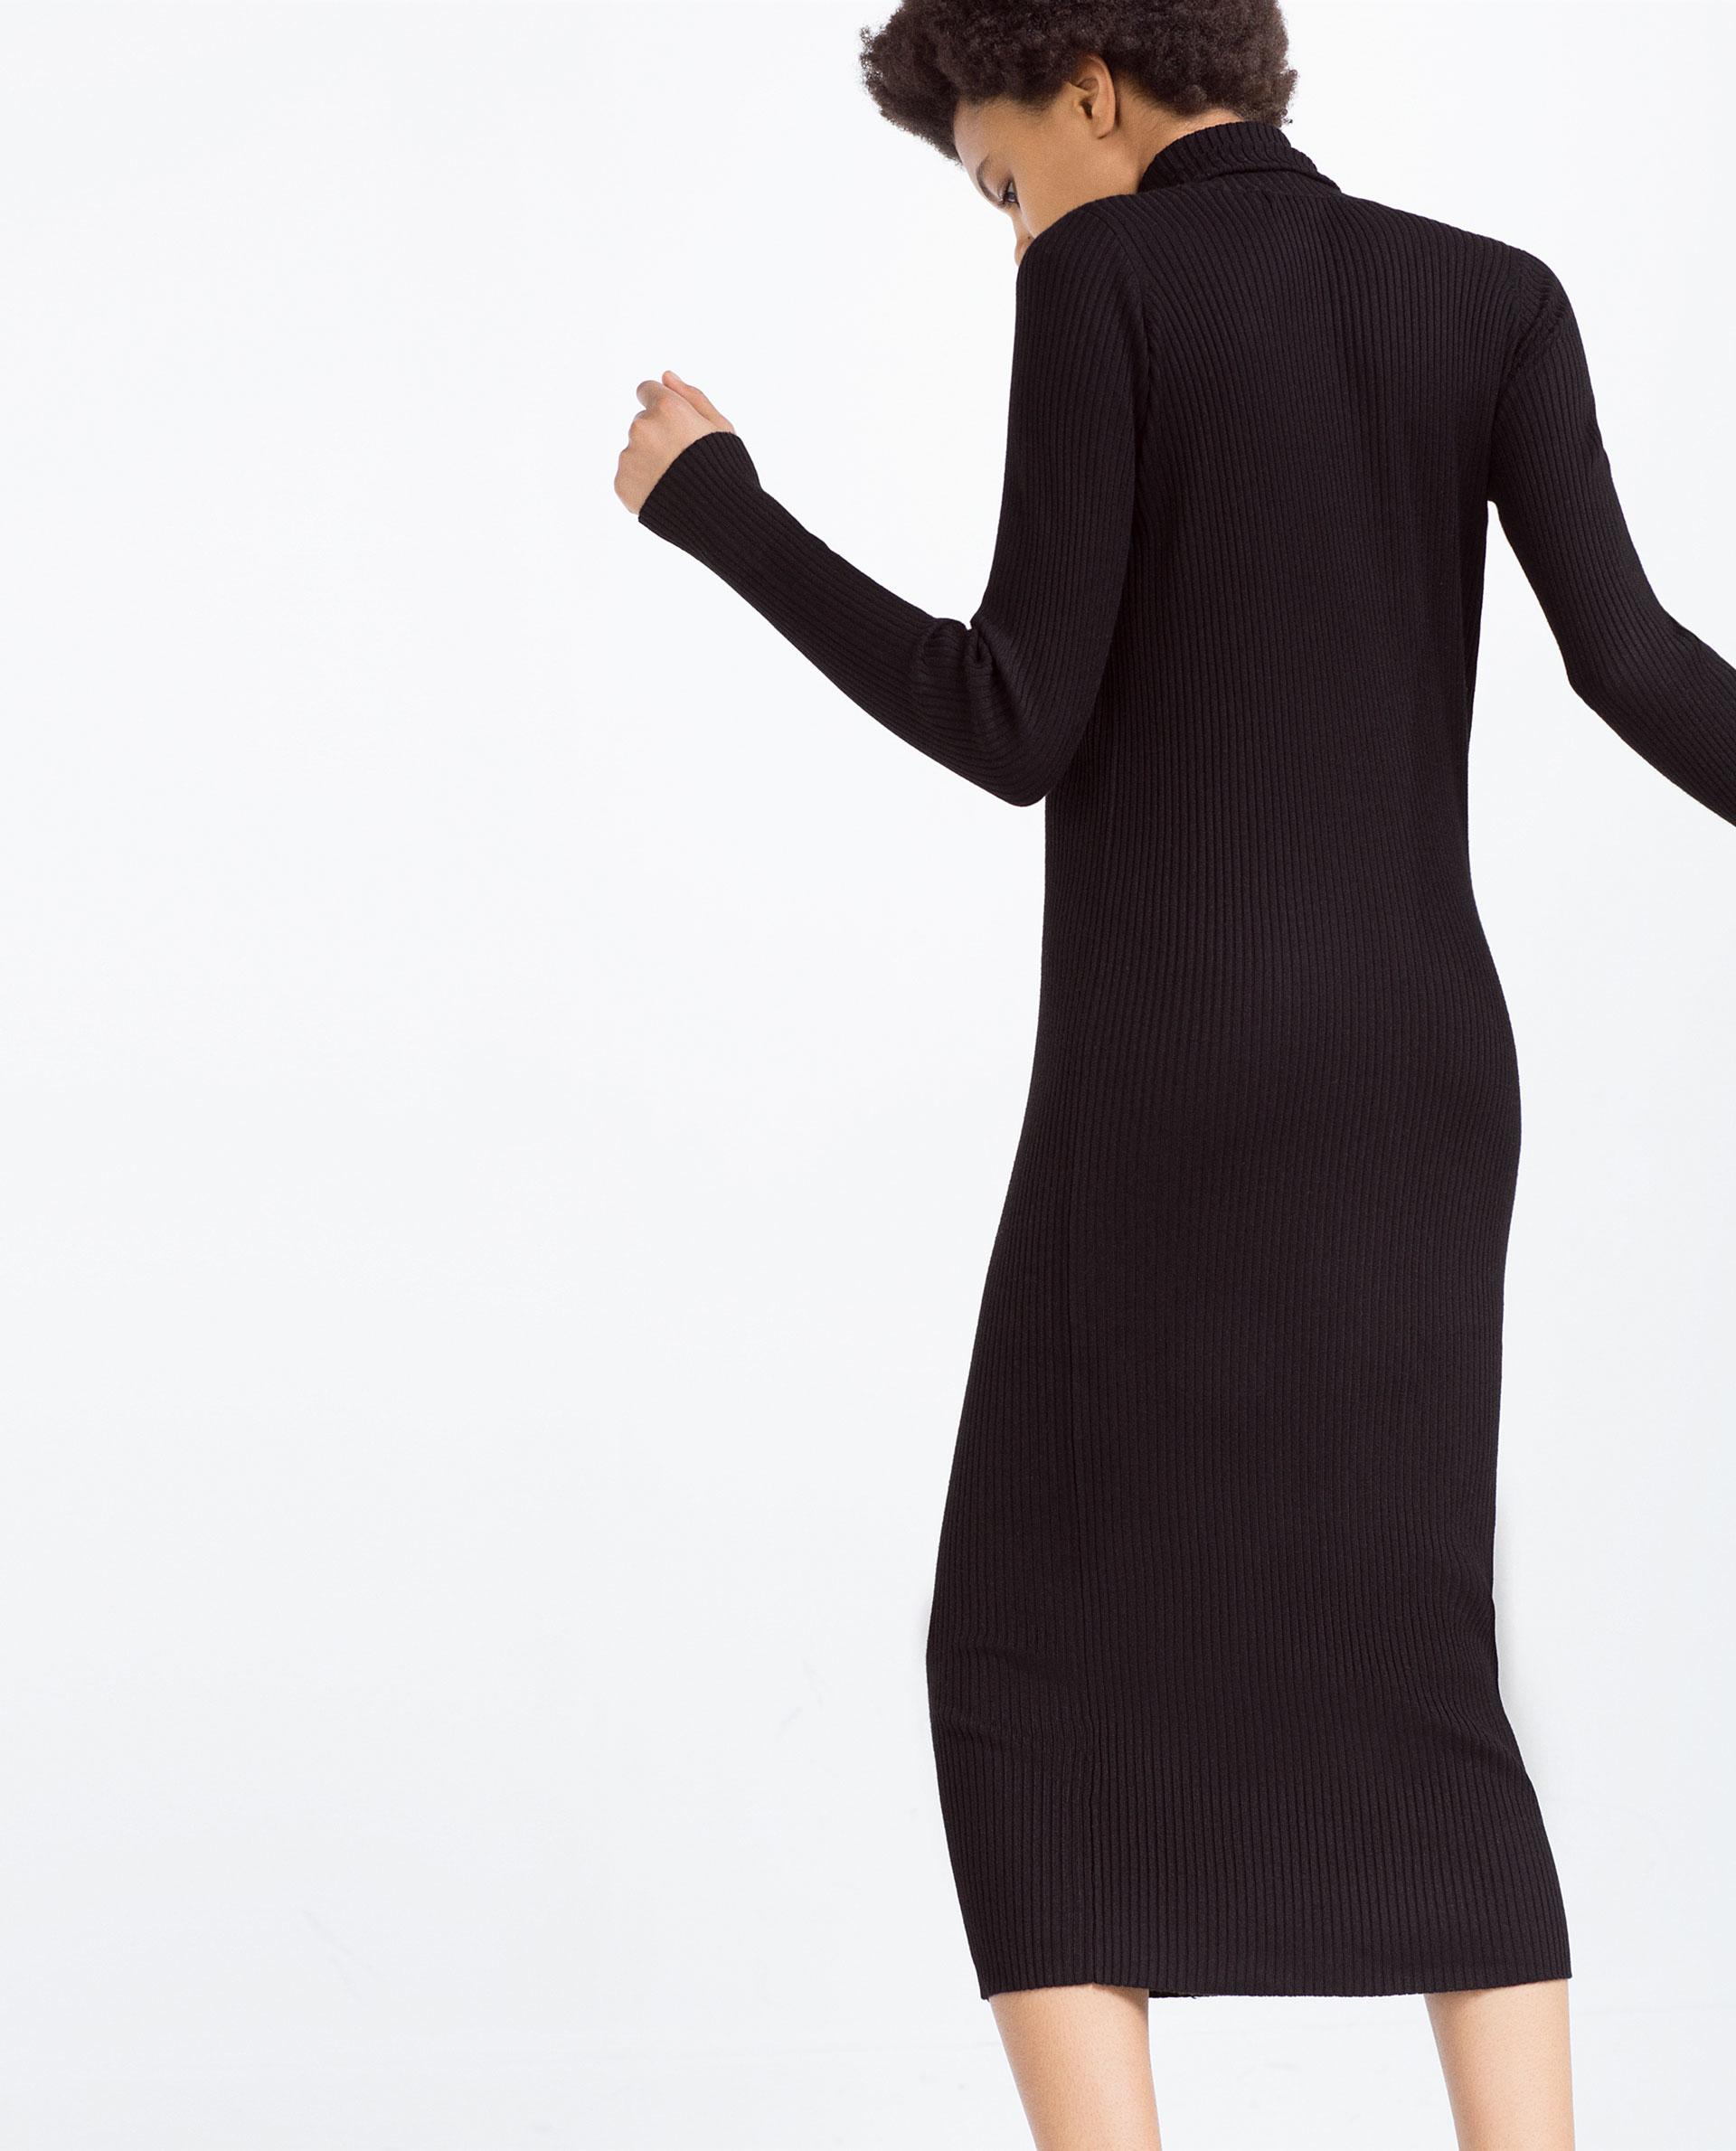 Zara Ribbed Dress In Black Lyst